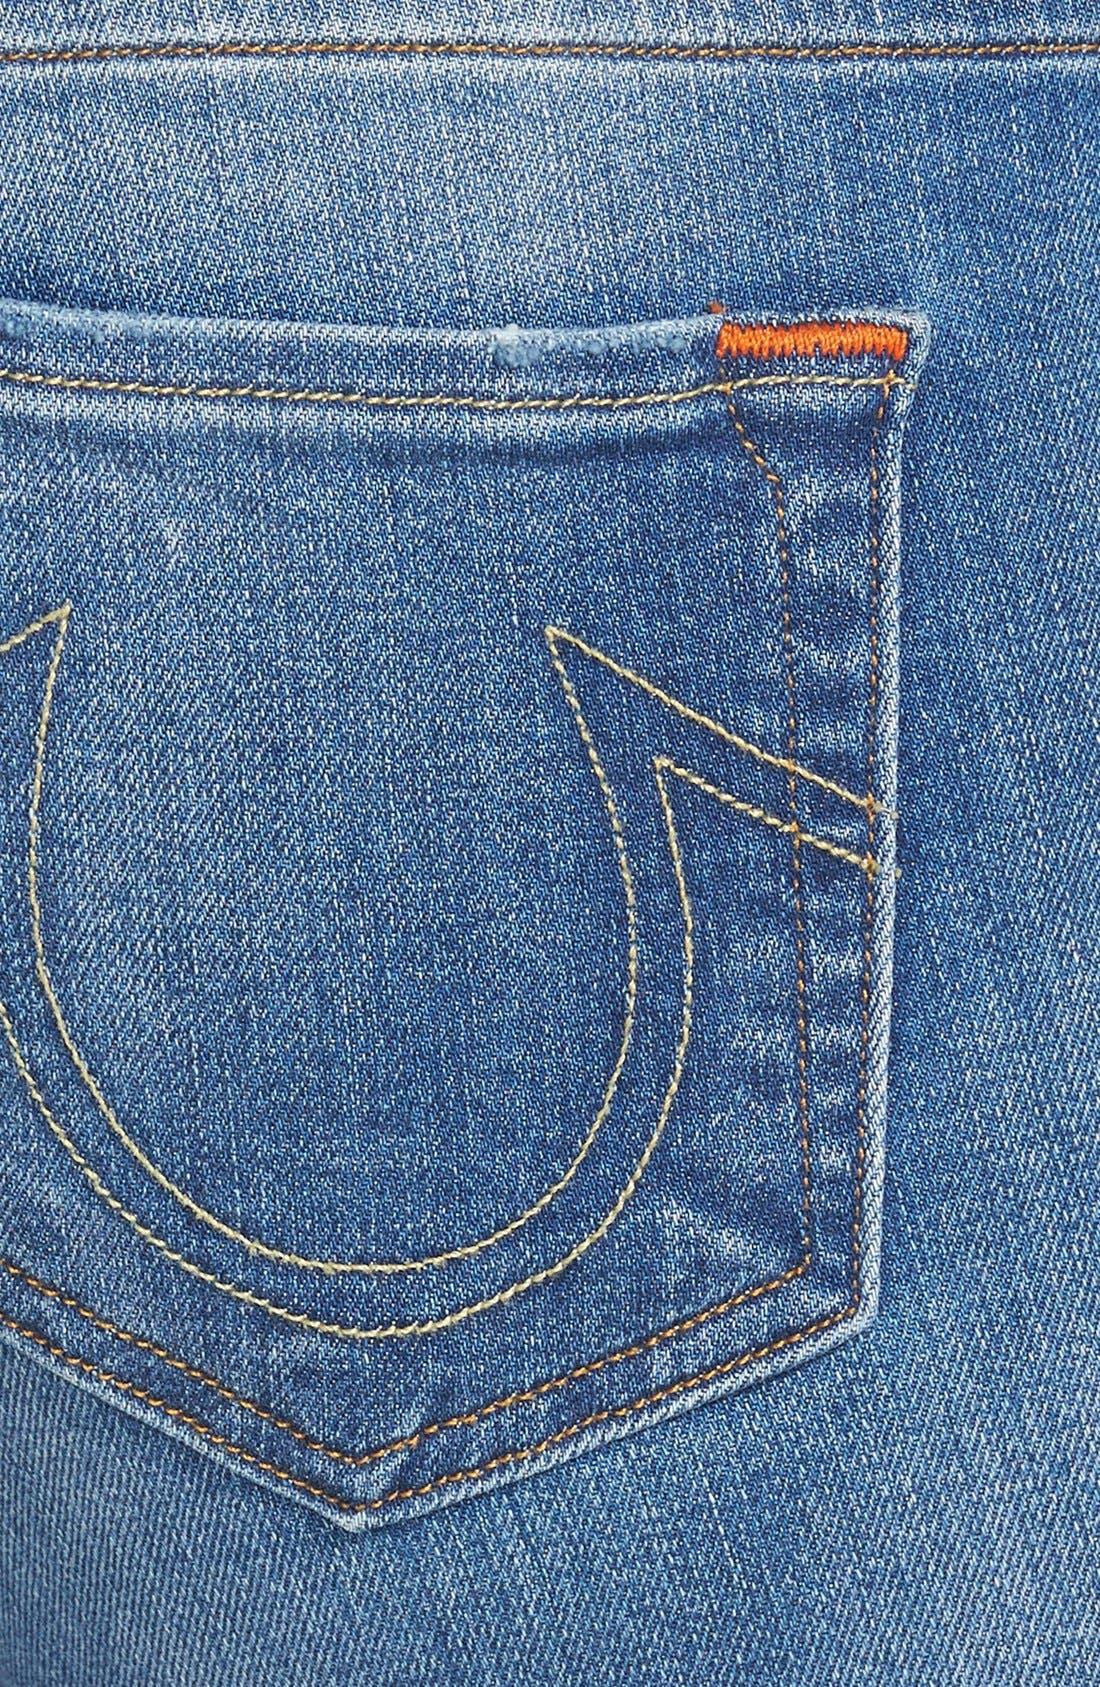 Alternate Image 3  - True Religion Brand Jeans 'Charlize' Flare Jeans (Edenhurst)